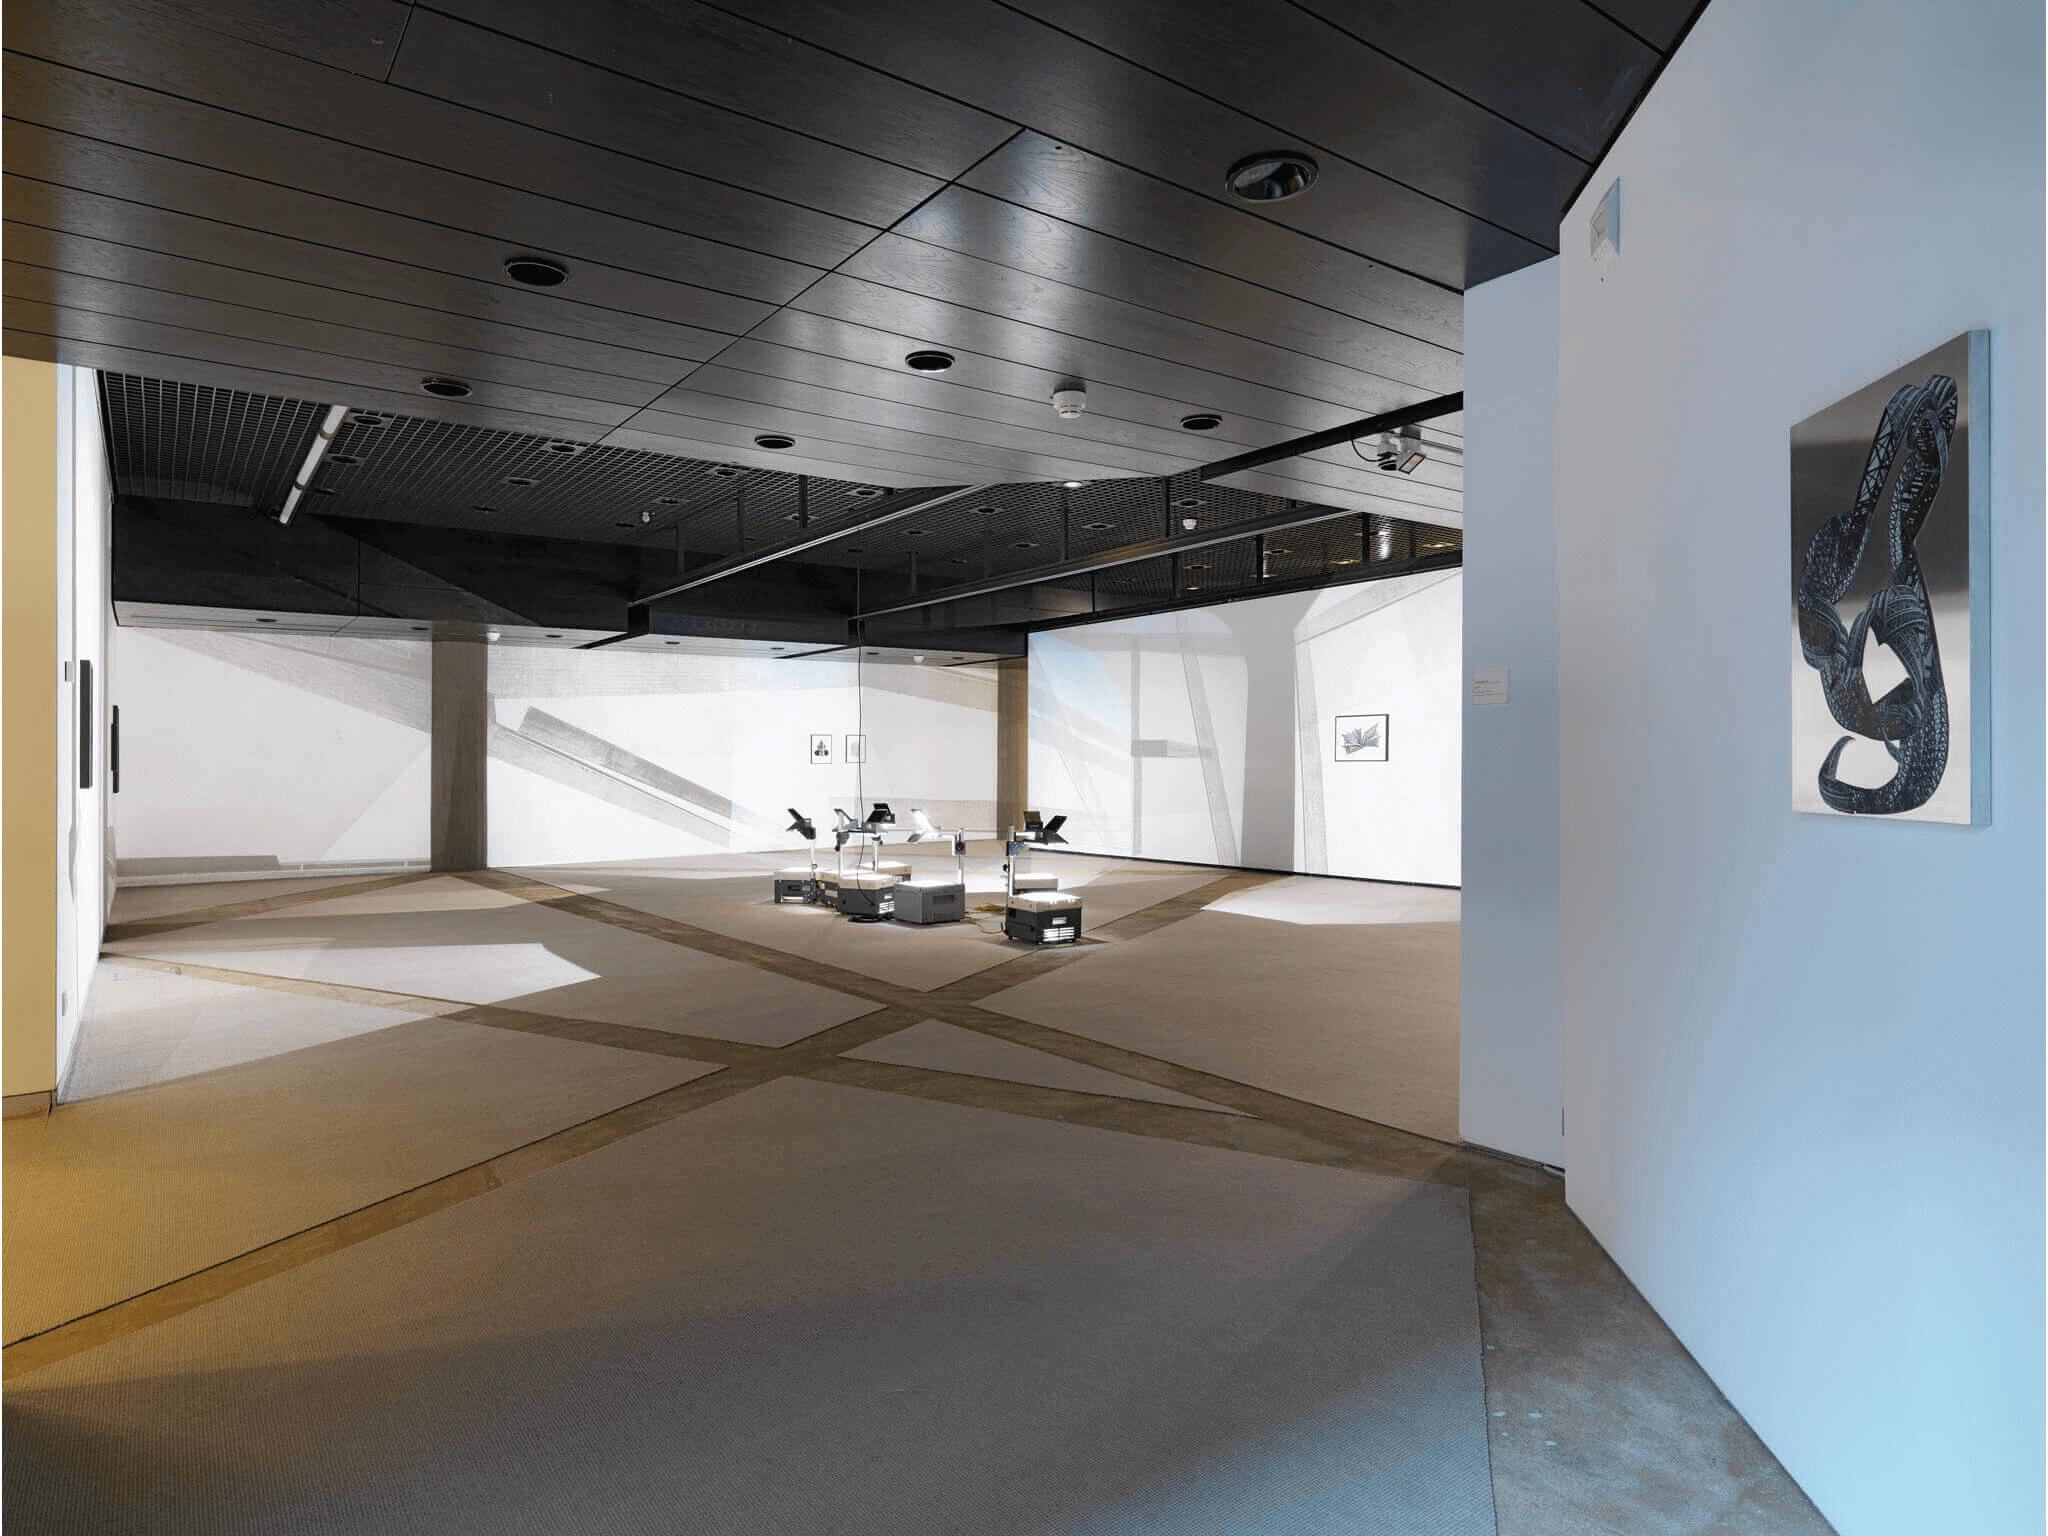 54_Frauke-Dannert_Installation_Viermal-Neues-auf-Papier_2015_Sprengel-Museum-Hannover